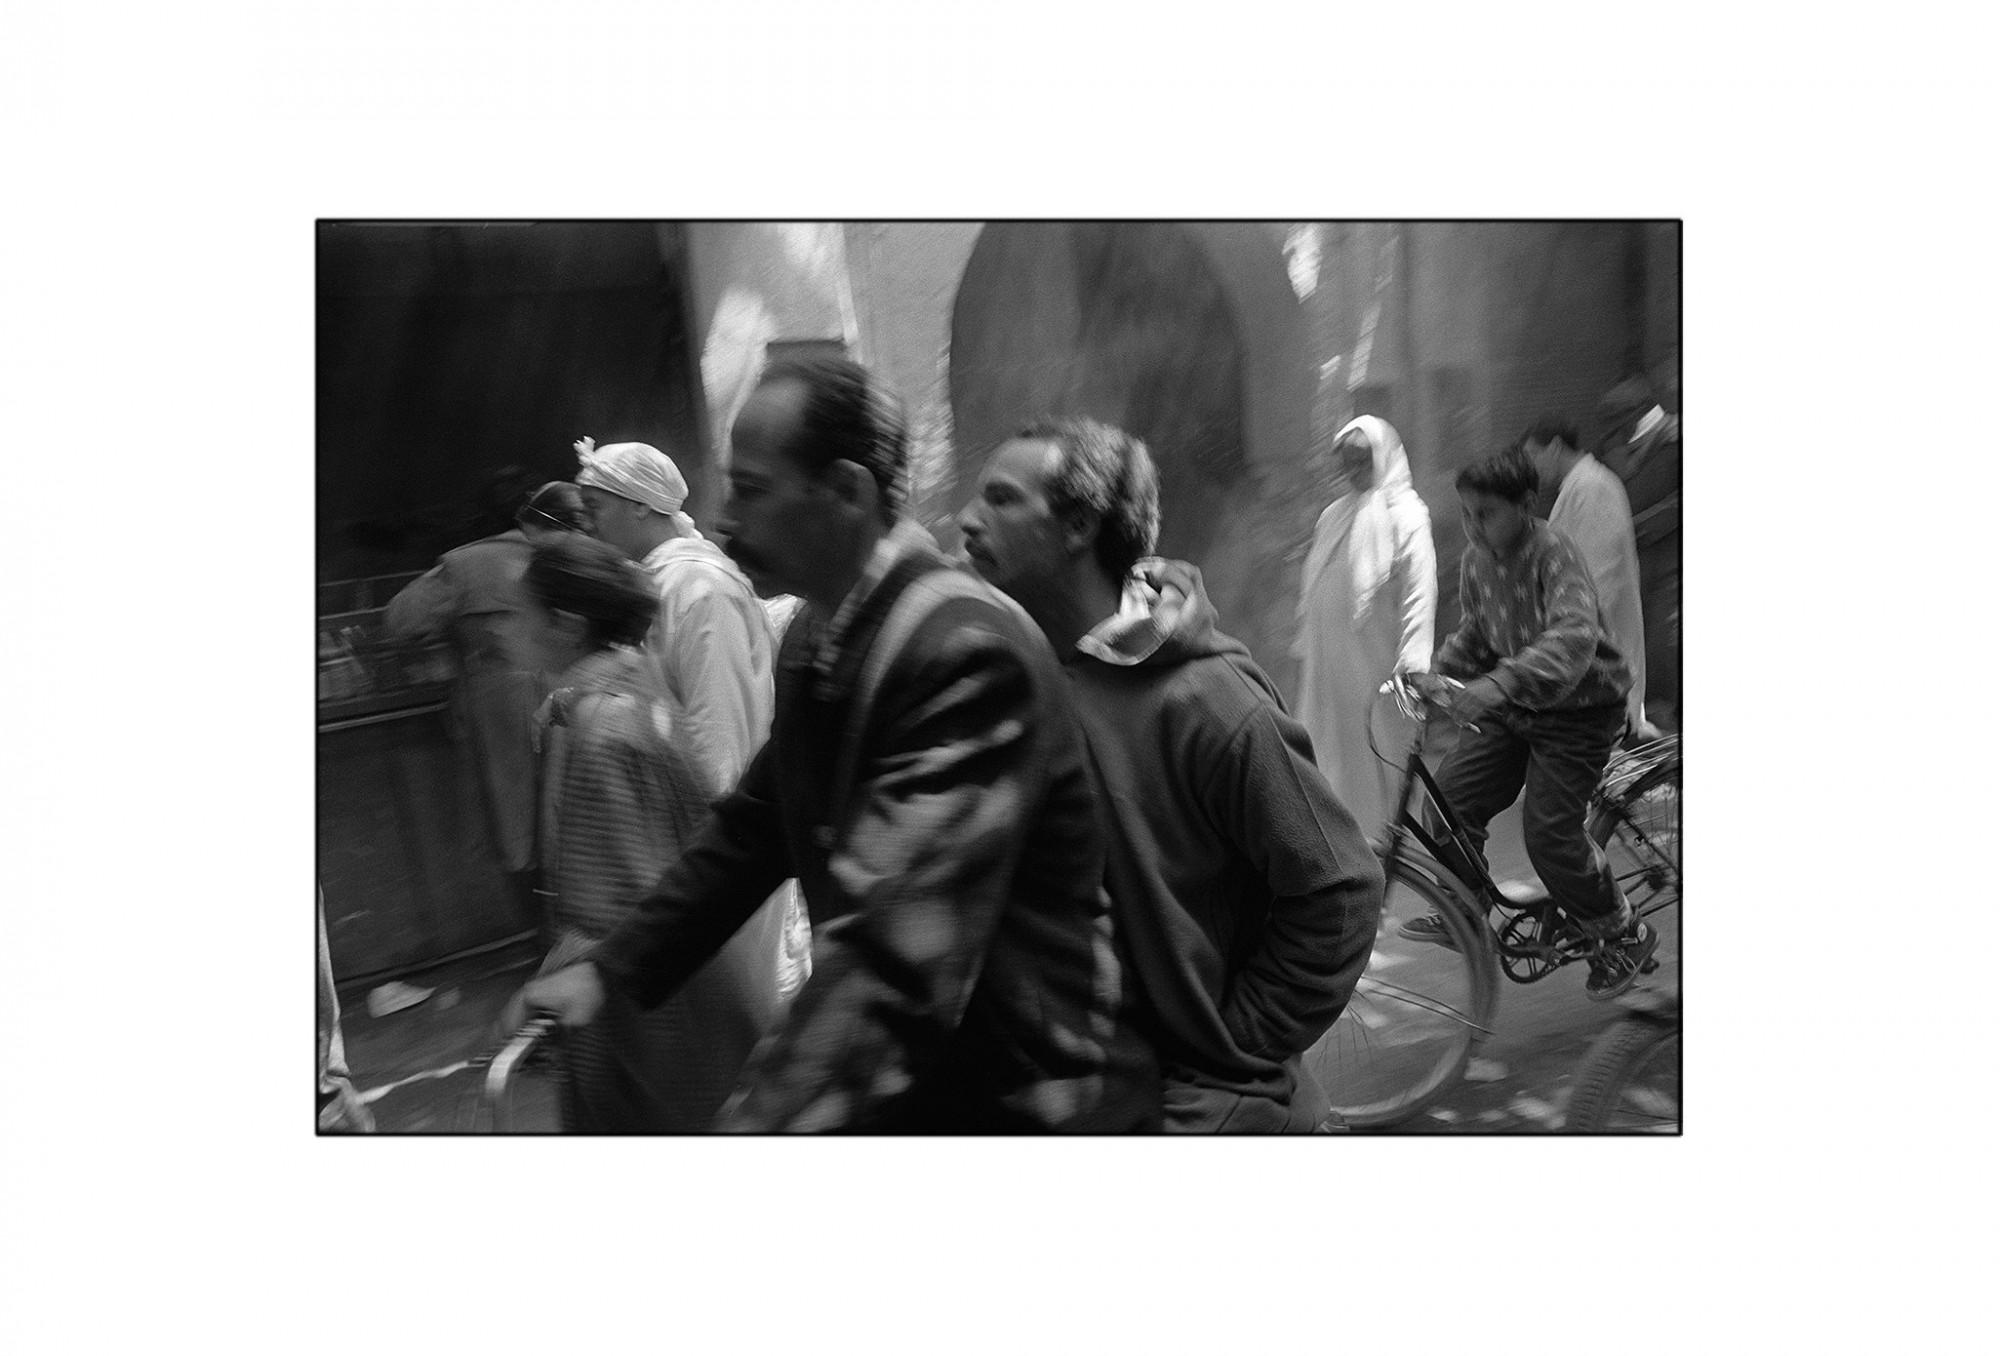 Afbeelding: Fotografie - Art, uit de reeks : De kleur van zwart. Marokko, 92-04-35,, © Dominique Van Huffel.